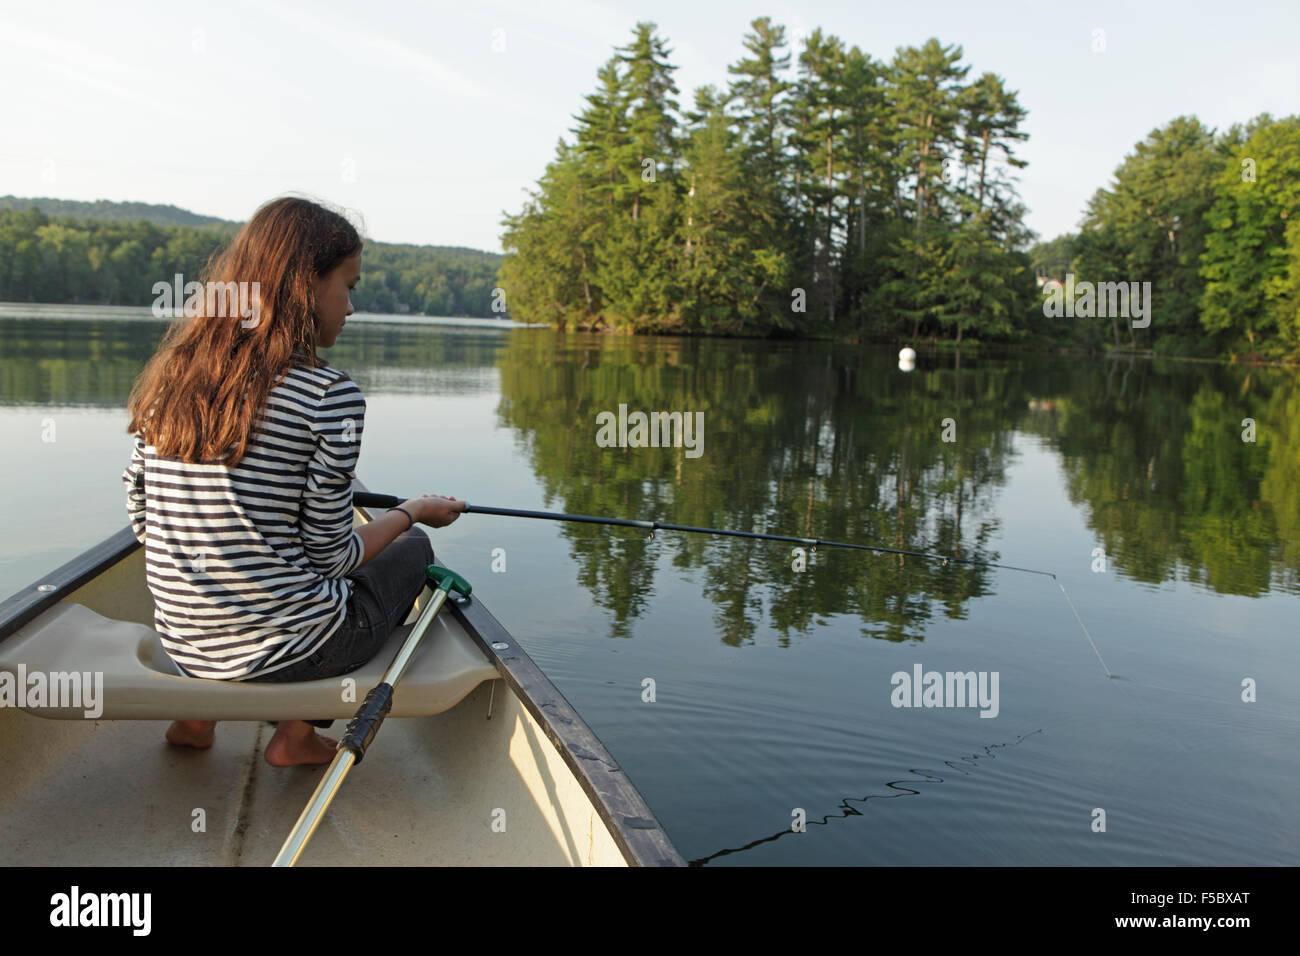 Ragazza giovane la pesca da una canoa su un lago calmo con alberi in background Immagini Stock